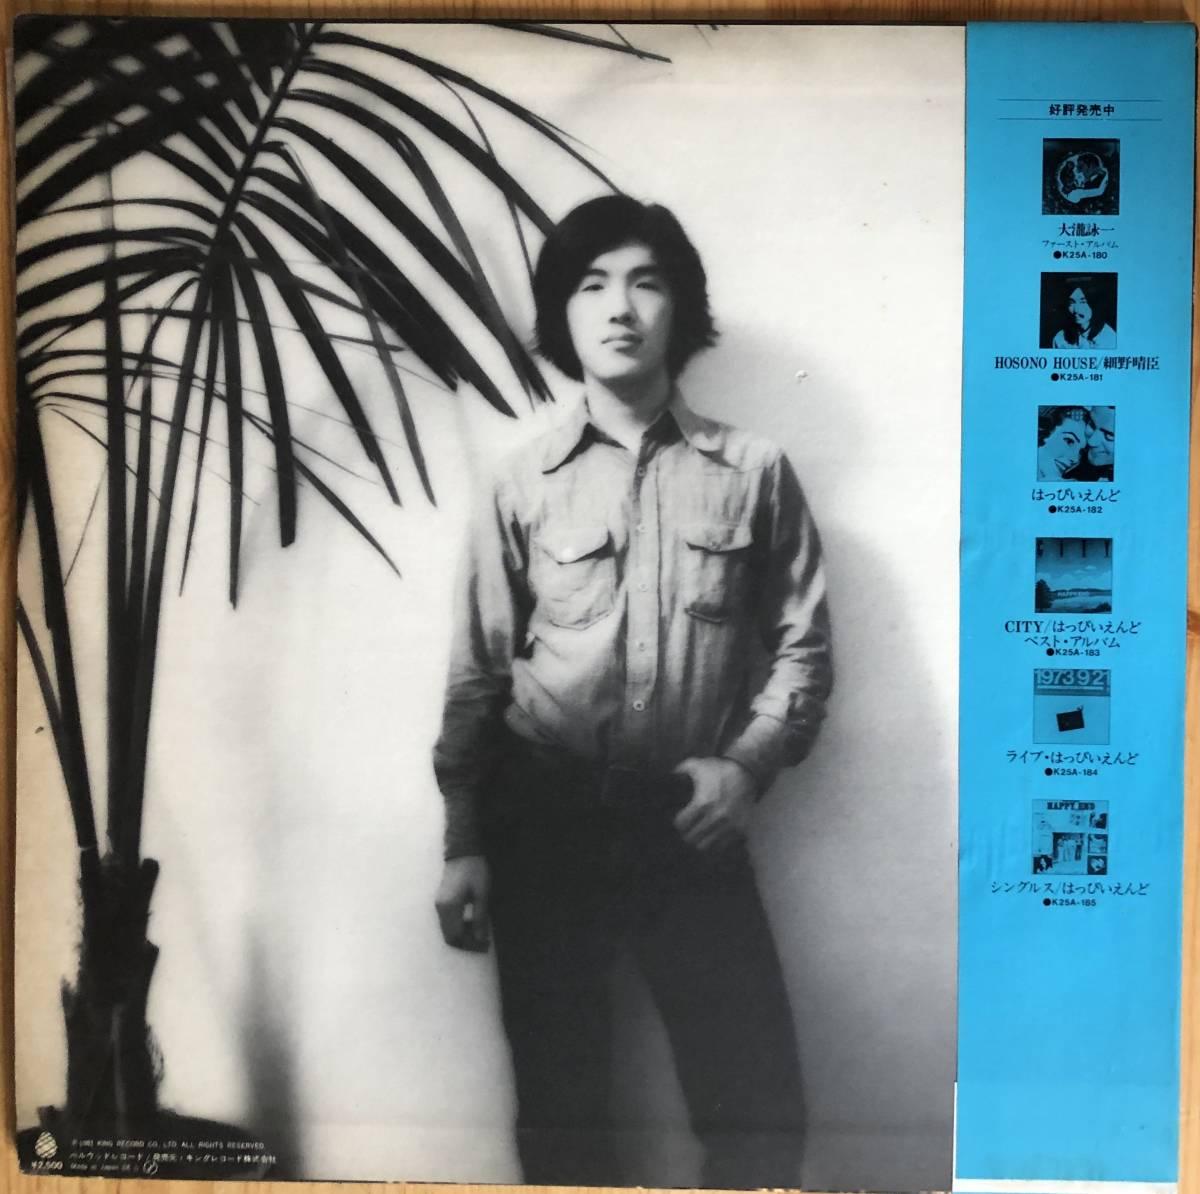 大瀧詠一 ファースト アルバム LP レコード 和モノ ライトメロウ K25A-180 大滝詠一_画像2